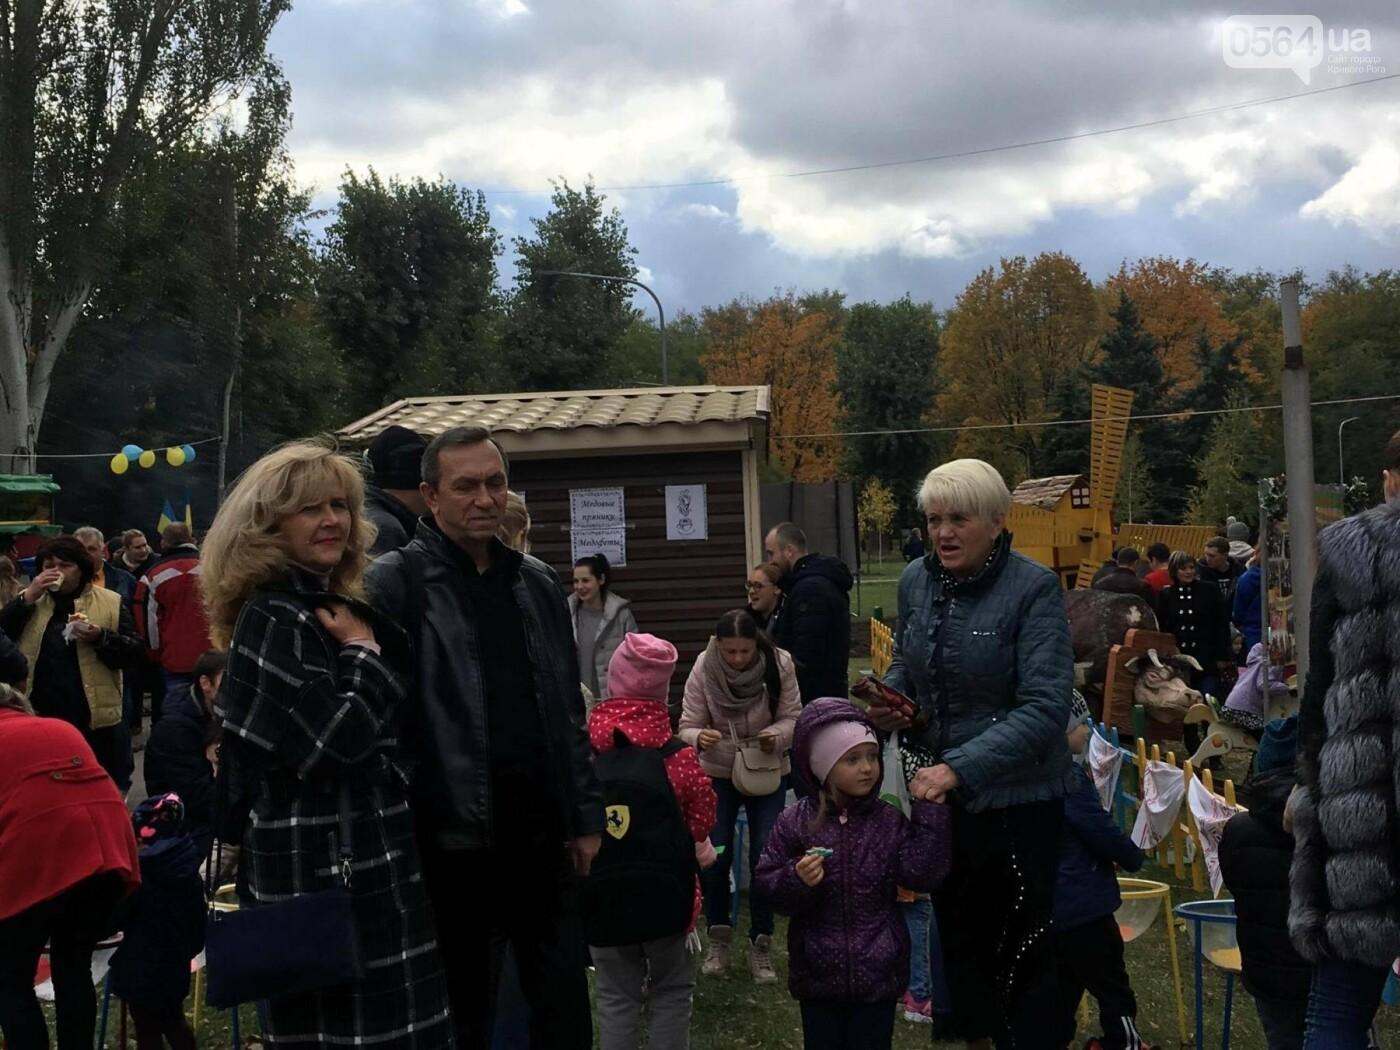 Тысячи криворожан отмечают День украинского козачества на Фестивале в парке Героев (ФОТО, ВИДЕО), фото-13